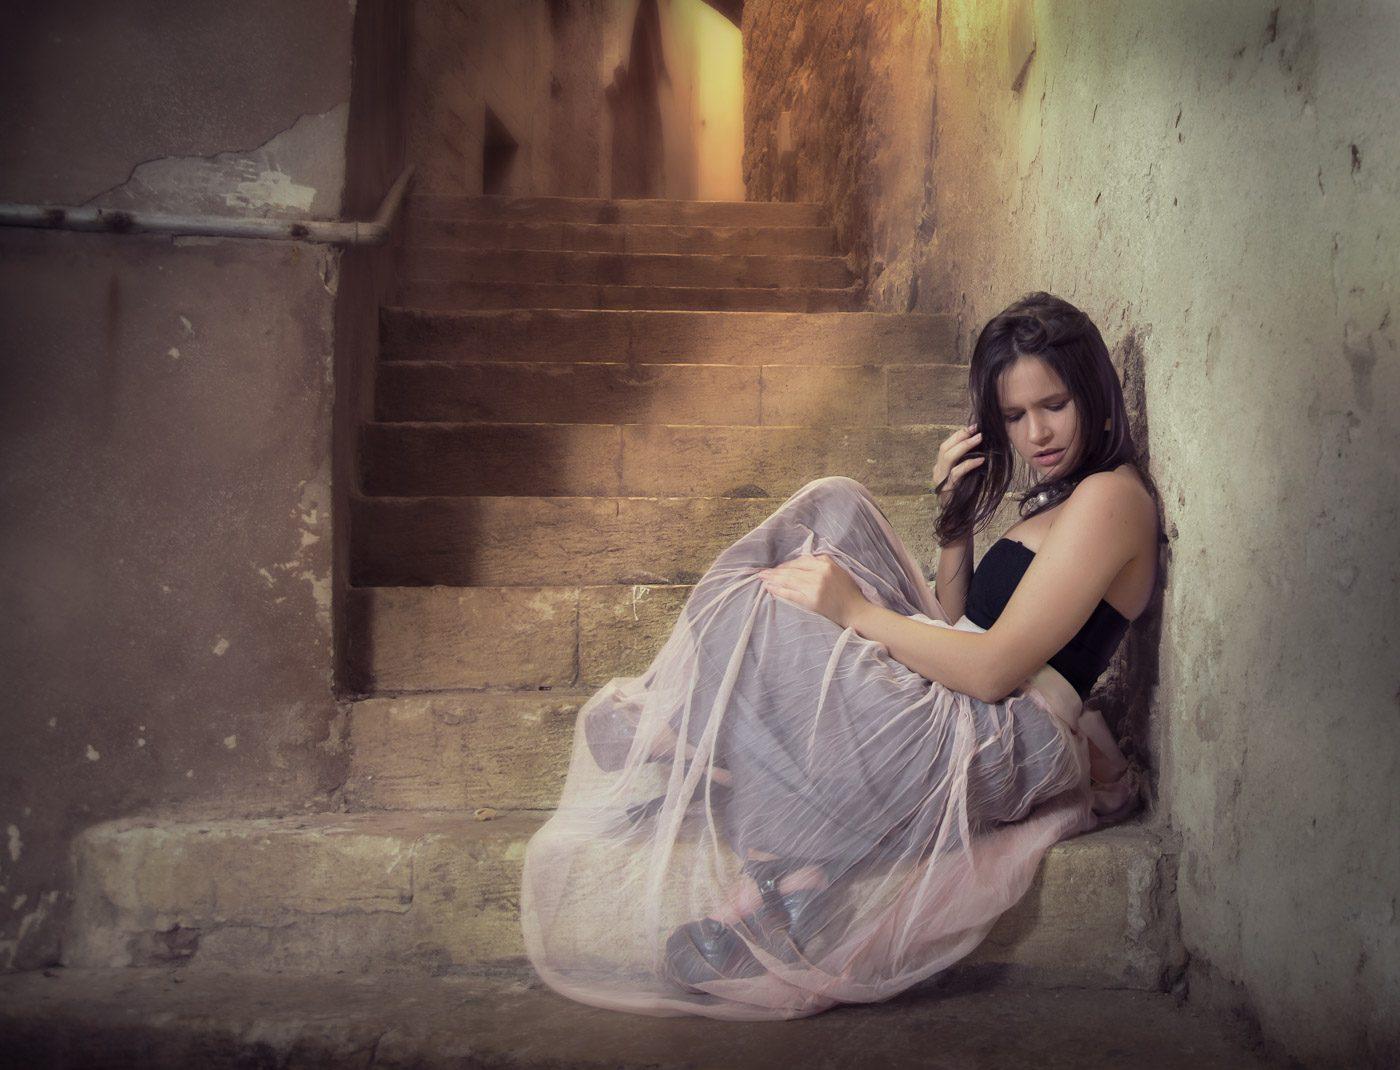 משחקי תאורה בצילום אישה